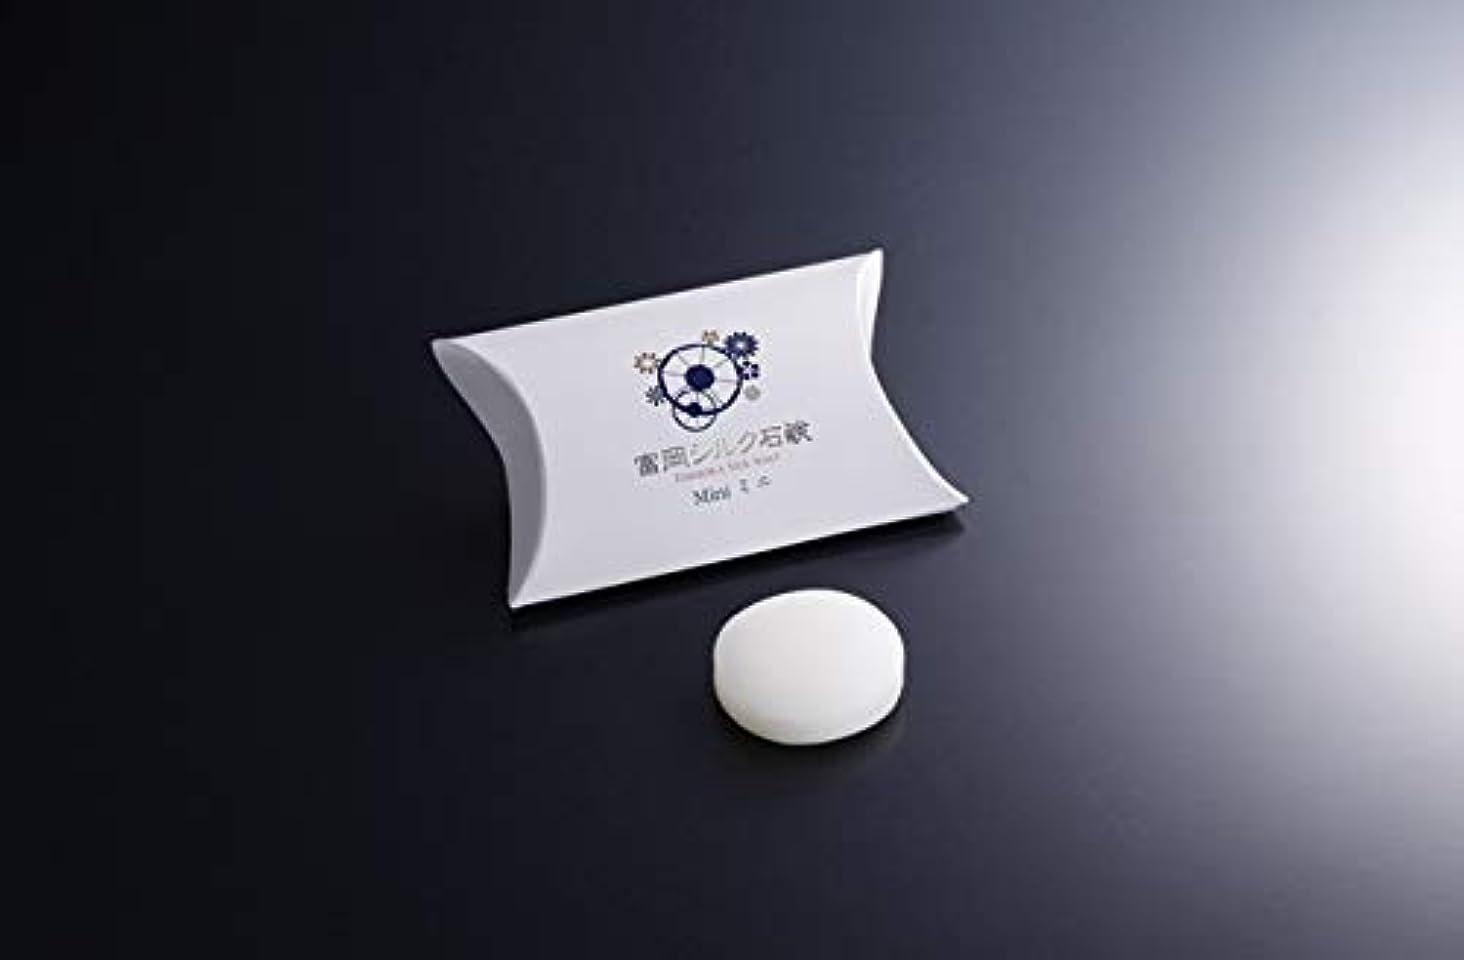 歩く竜巻動脈絹工房 [5個セット] 富岡シルク石鹸 ミニサイズ(12?)